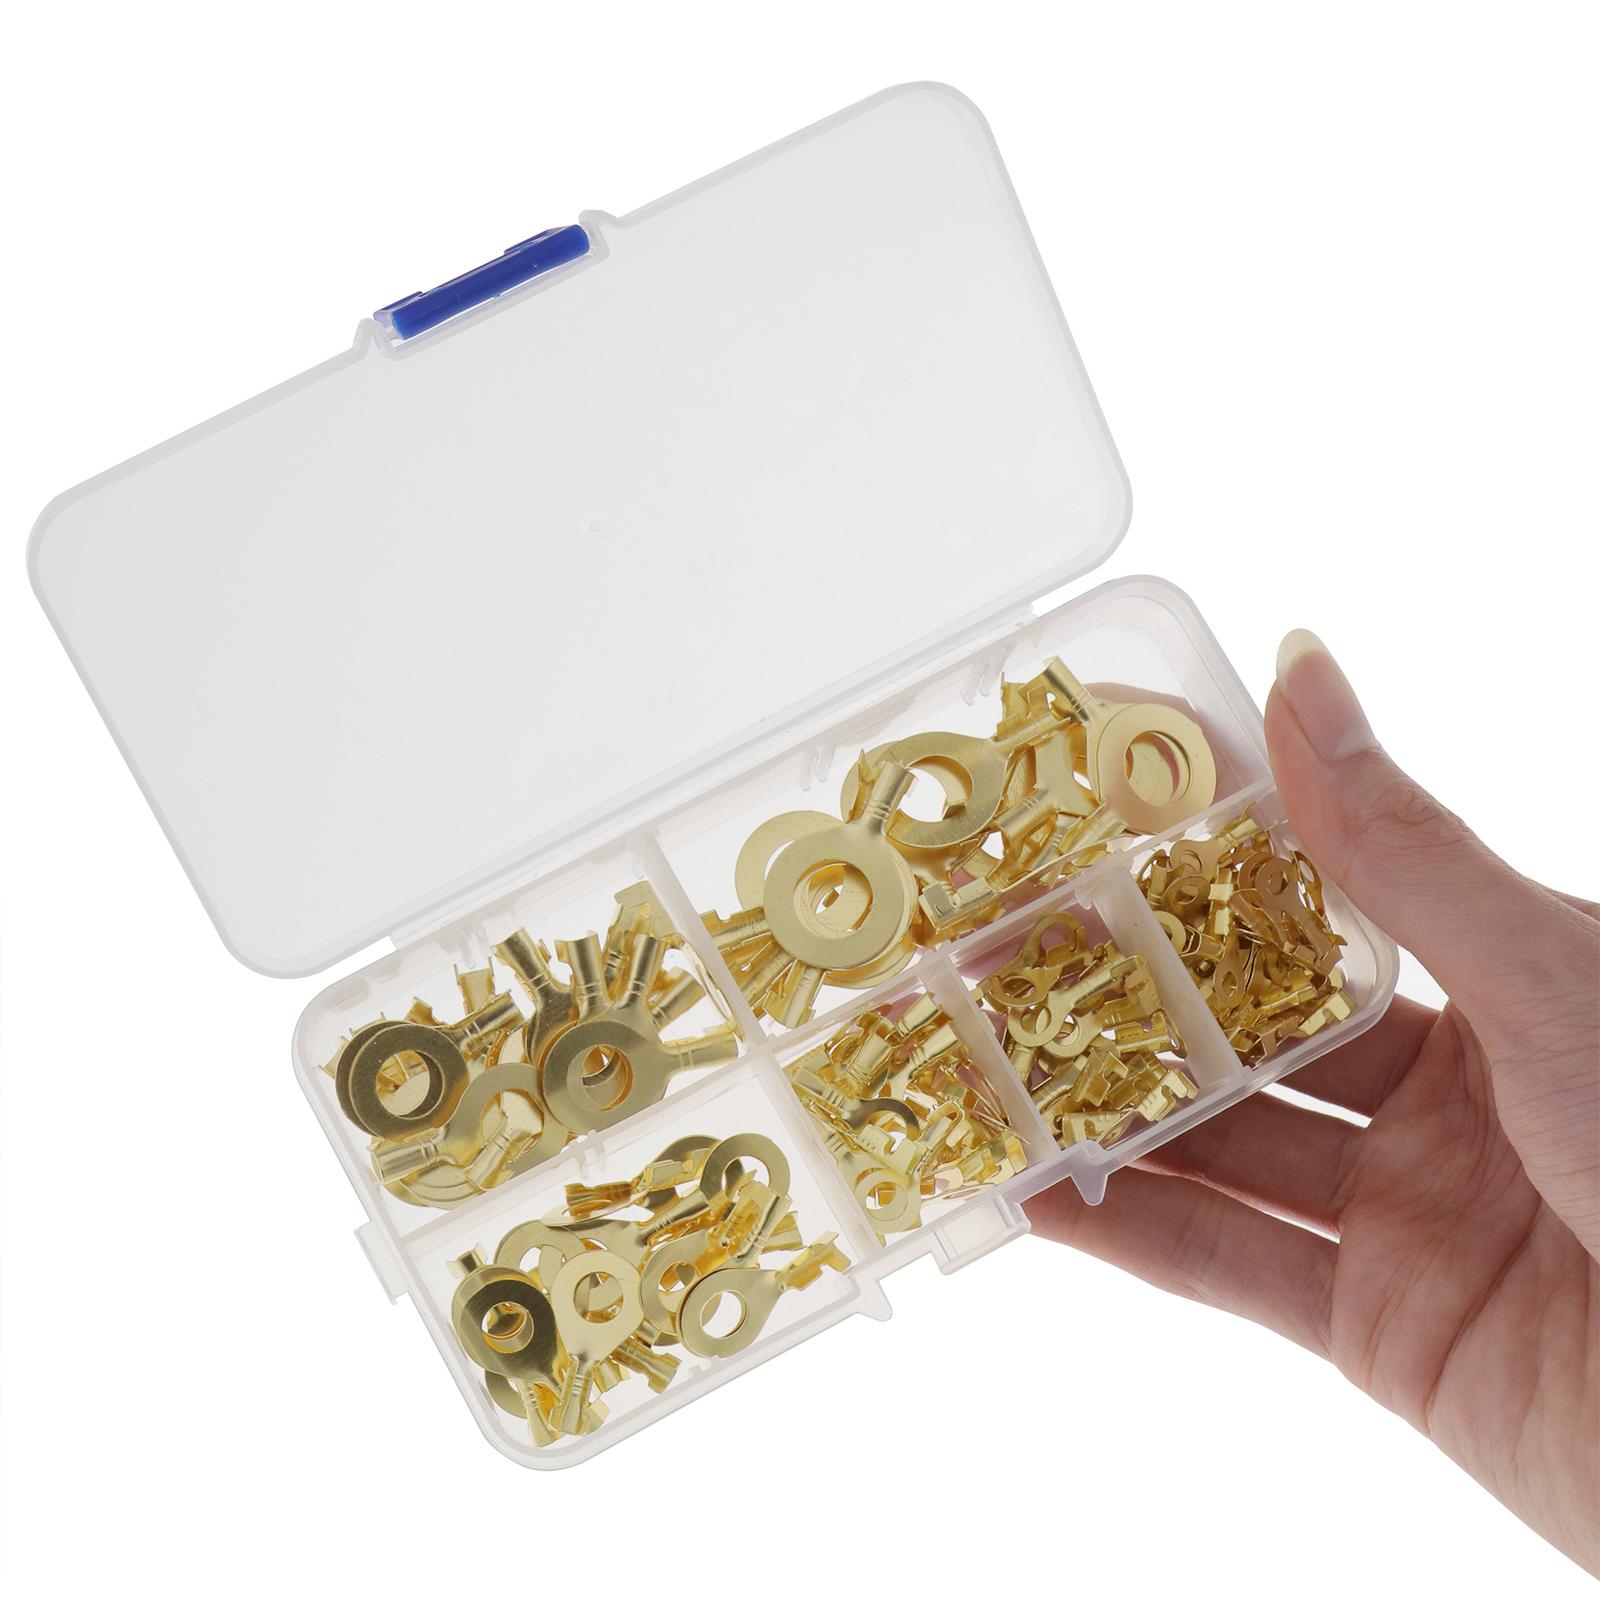 150Pcs-cable-en-laiton-a-anneau-en-cuivre-oeil-Assortiment-Ensemble-6-Taille miniature 3